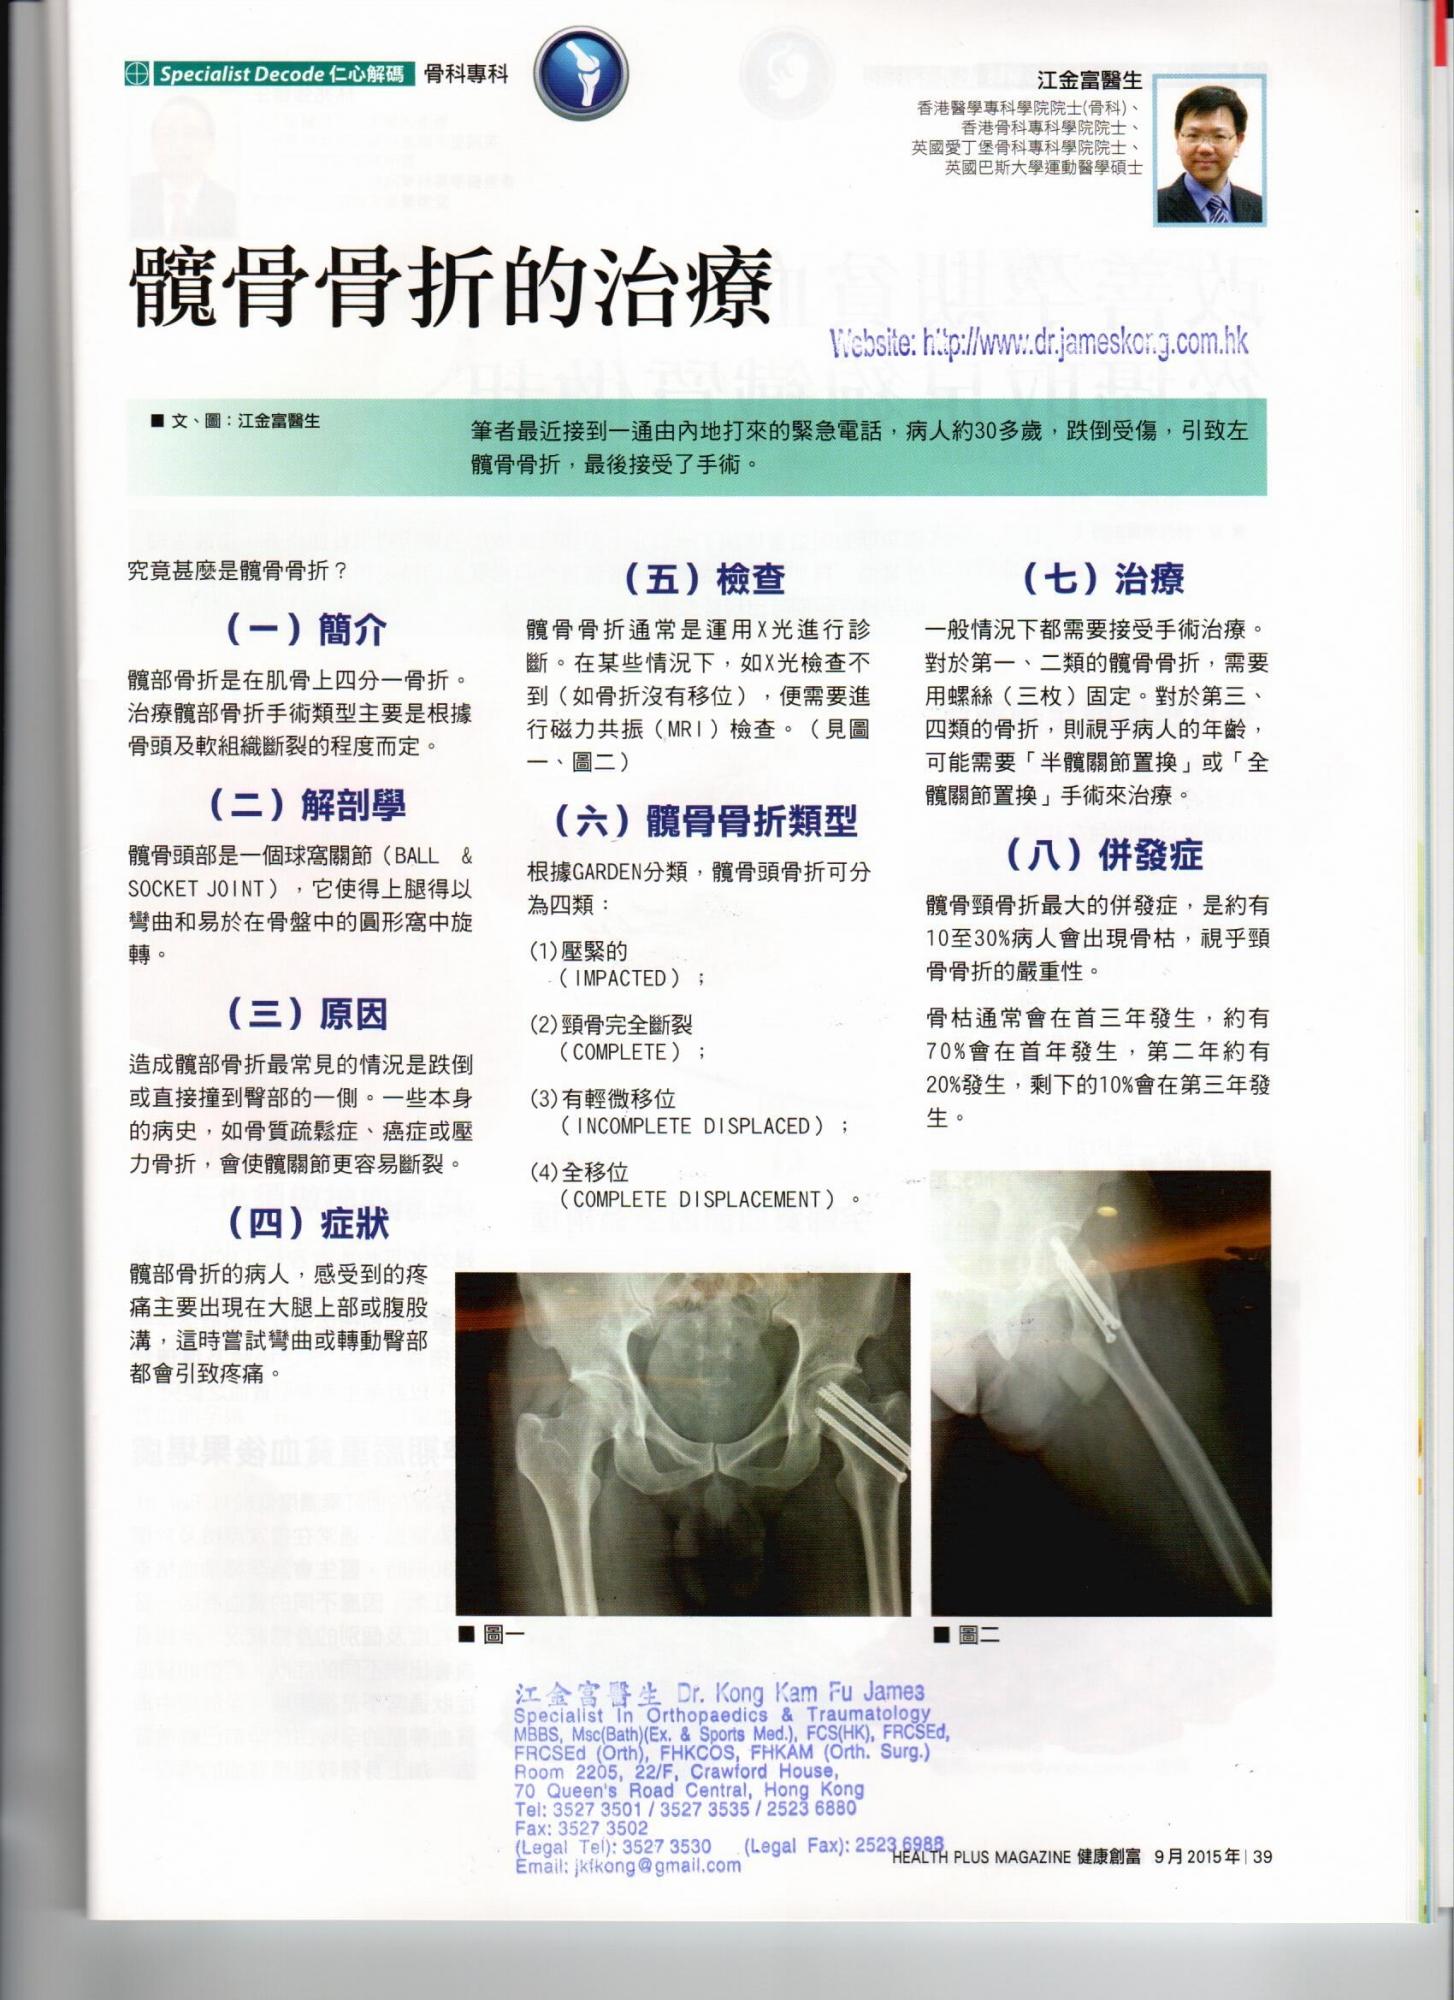 髋骨结构示意图